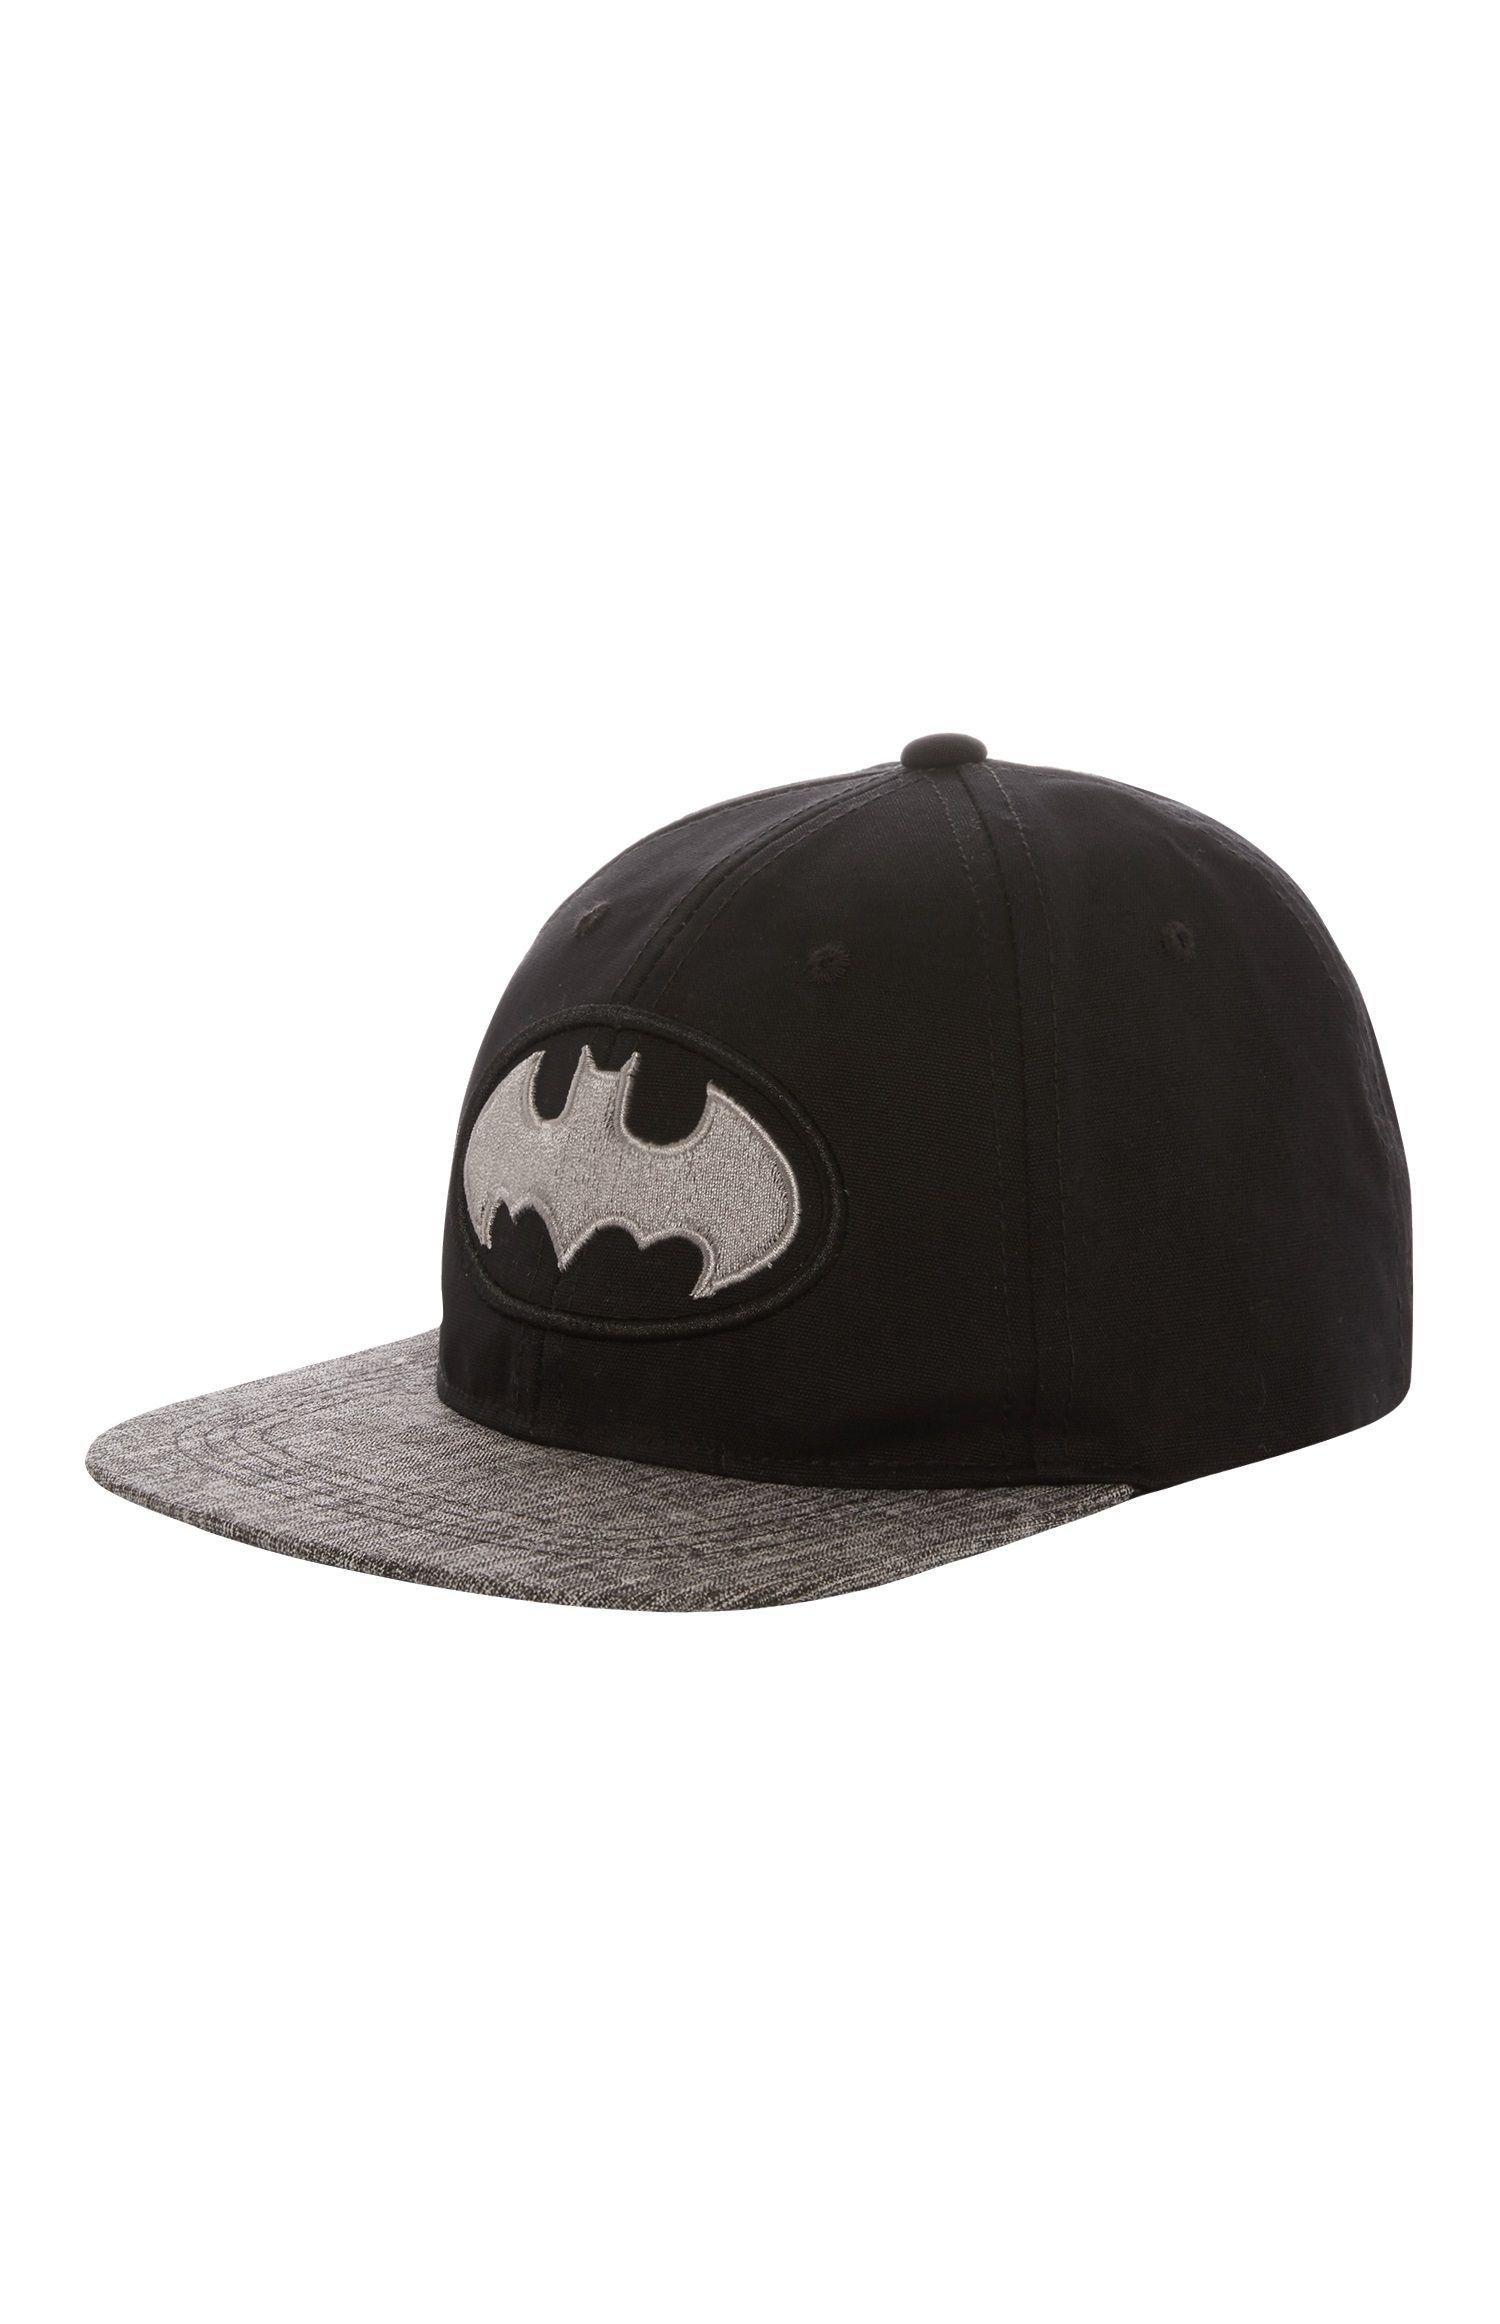 116ef9a67 Primark - Black Grey Batman Cap | outfits | Cap, Baseball hats, Batman